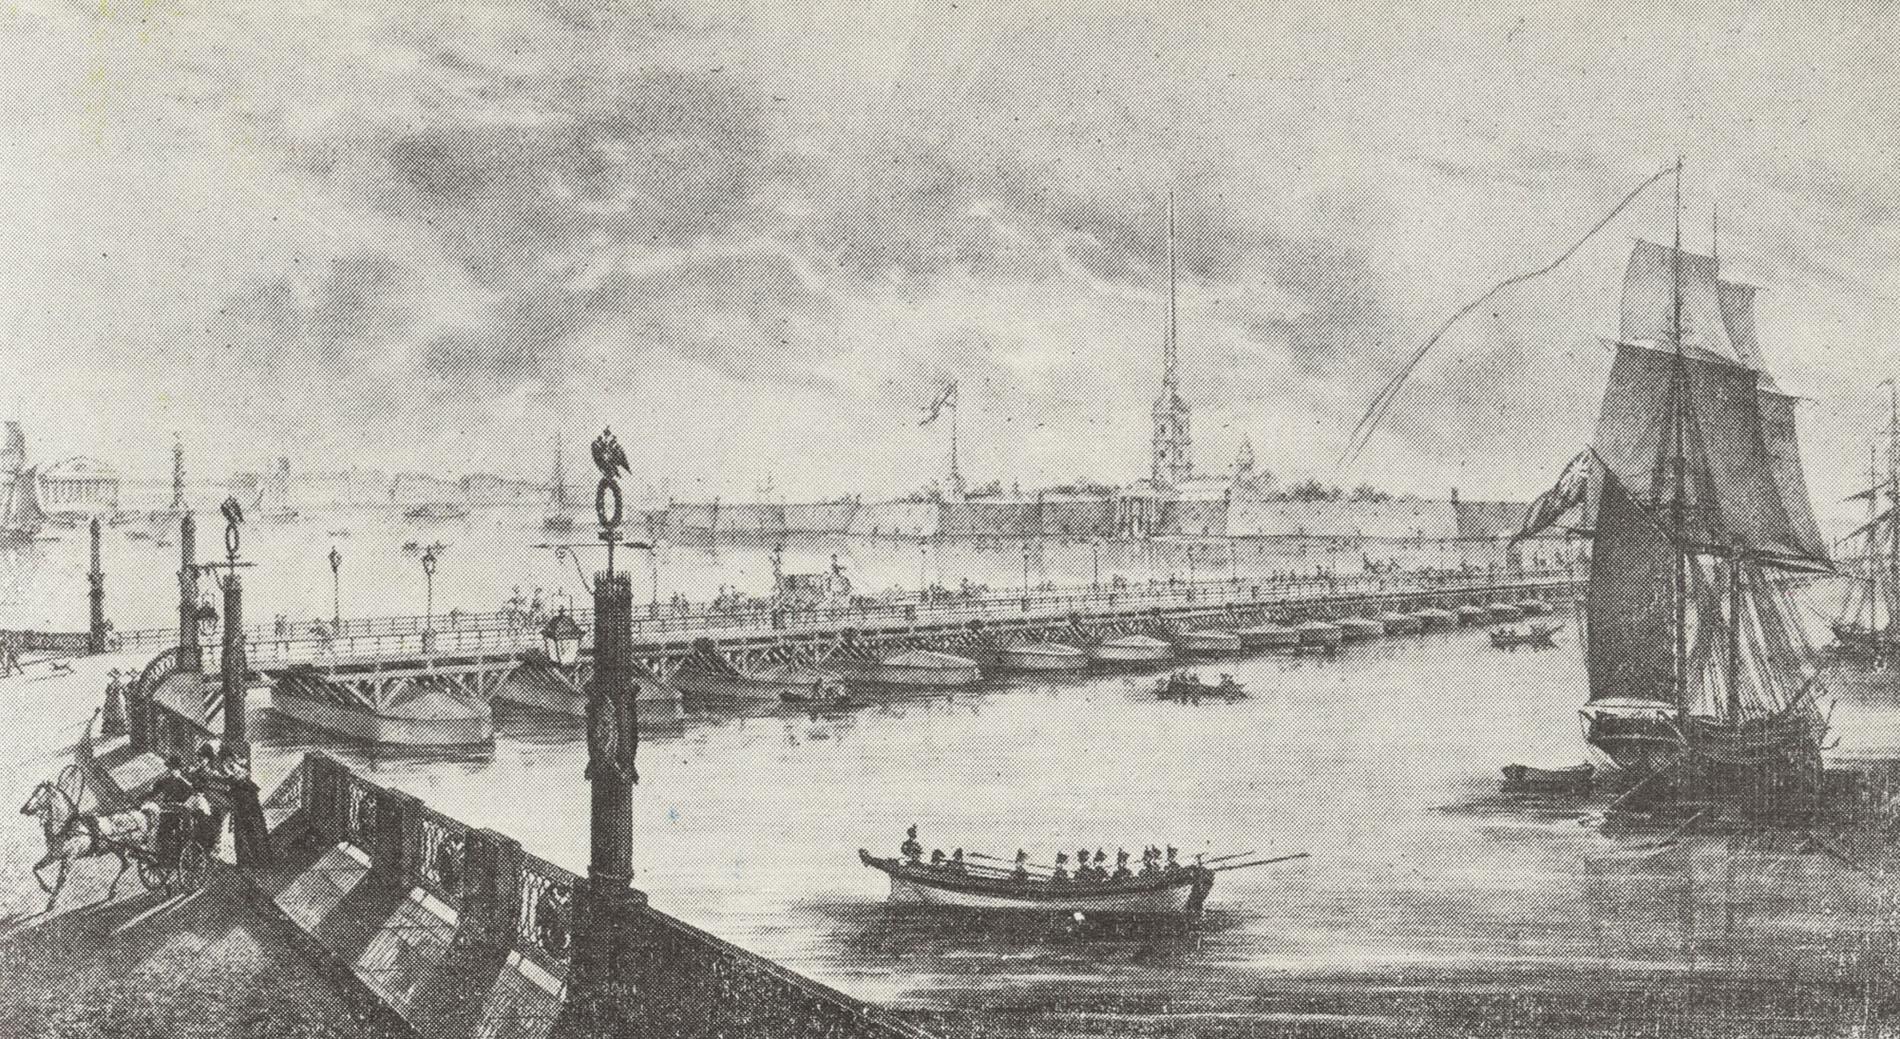 Карл Бкггров. Троицкий наплавной мост. 1820-е.